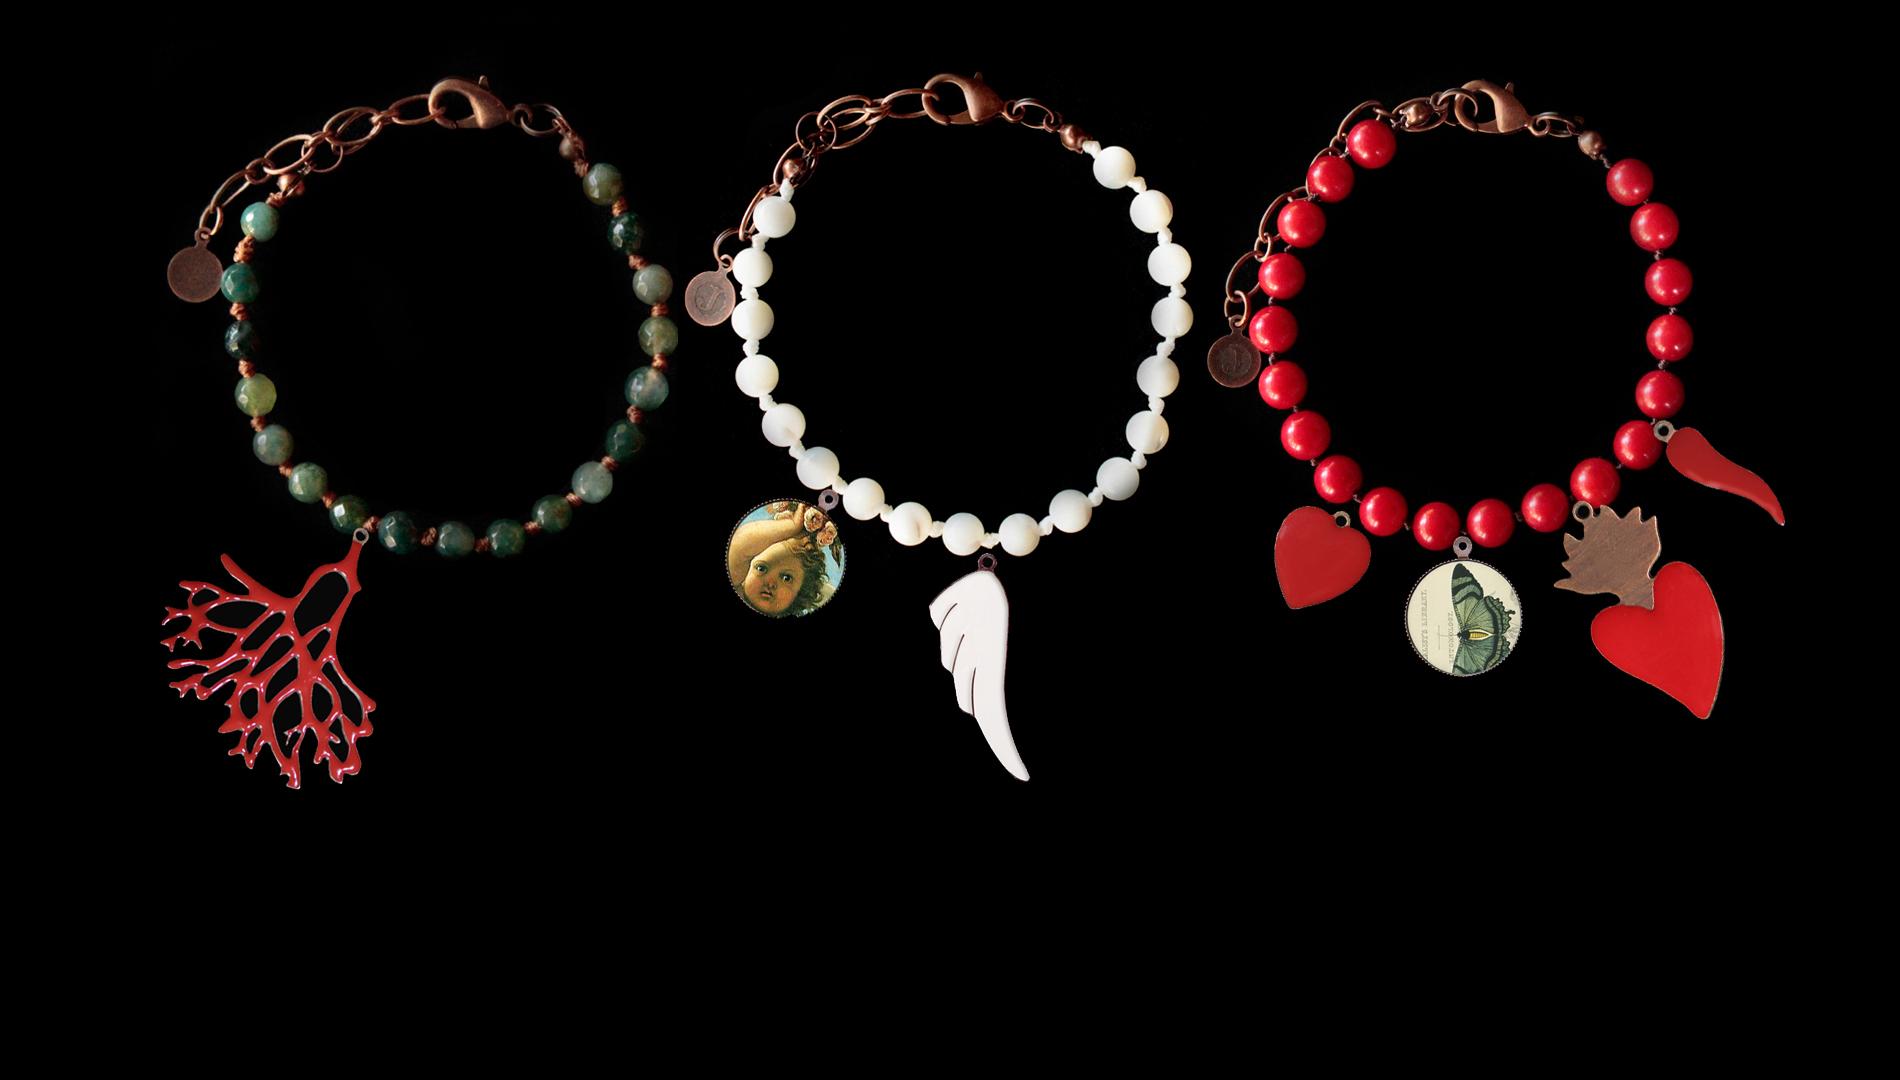 Scegli la collana, il bracciale, ecc...e componi il tuo gioiello scegliendo fra i nostri ciondoli<br>Noi te lo realizzeremo!